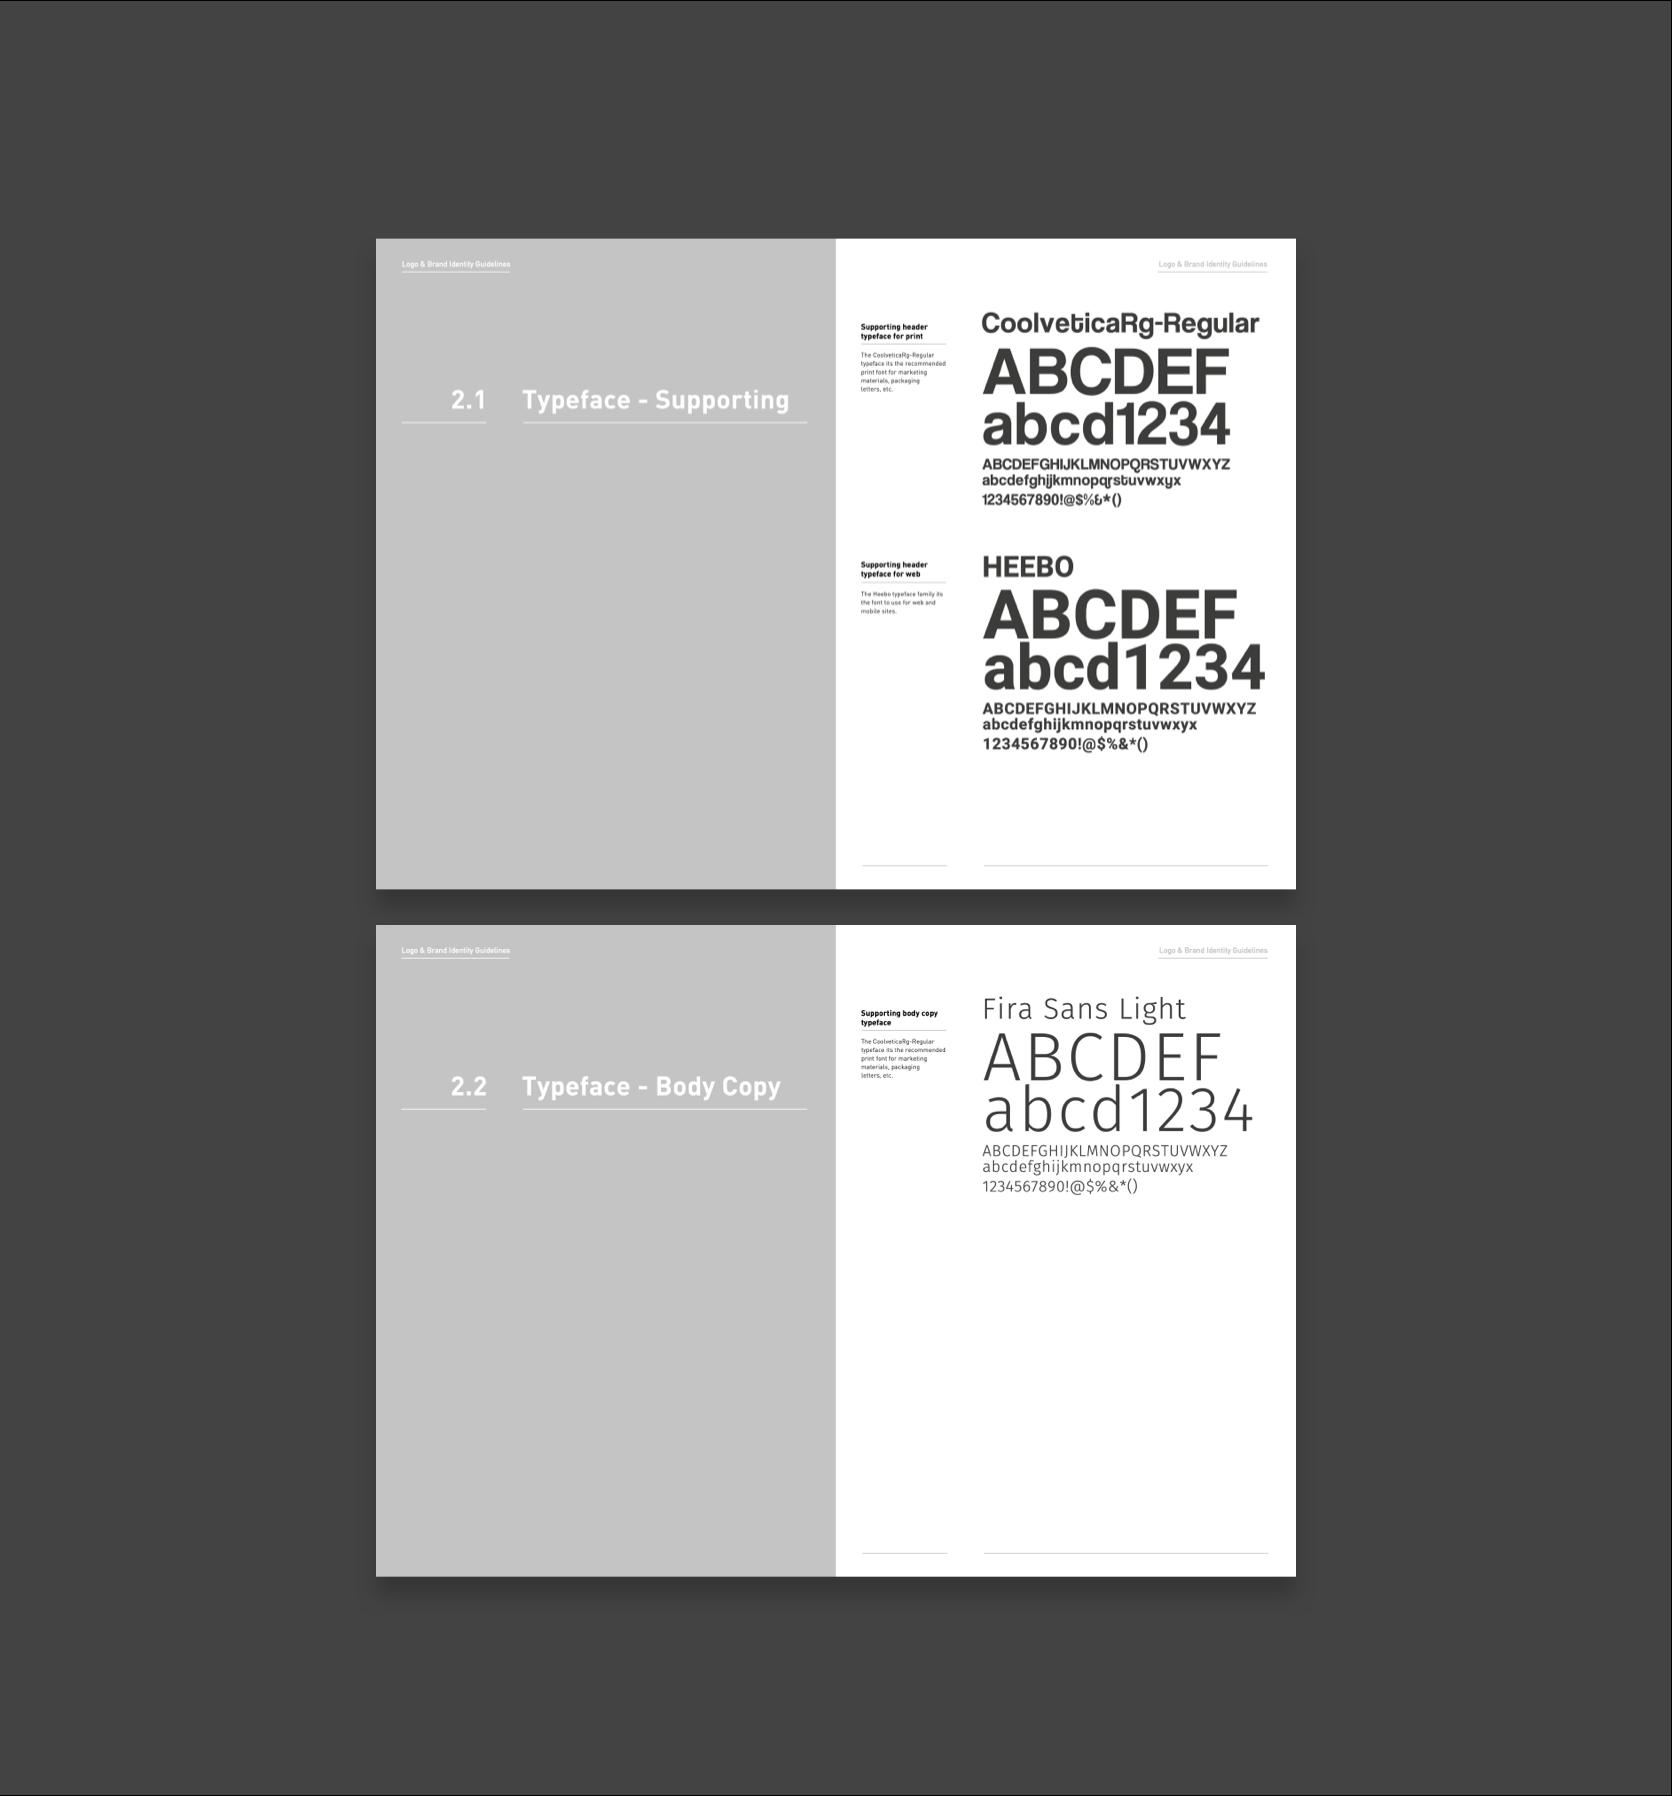 Delta brand fonts